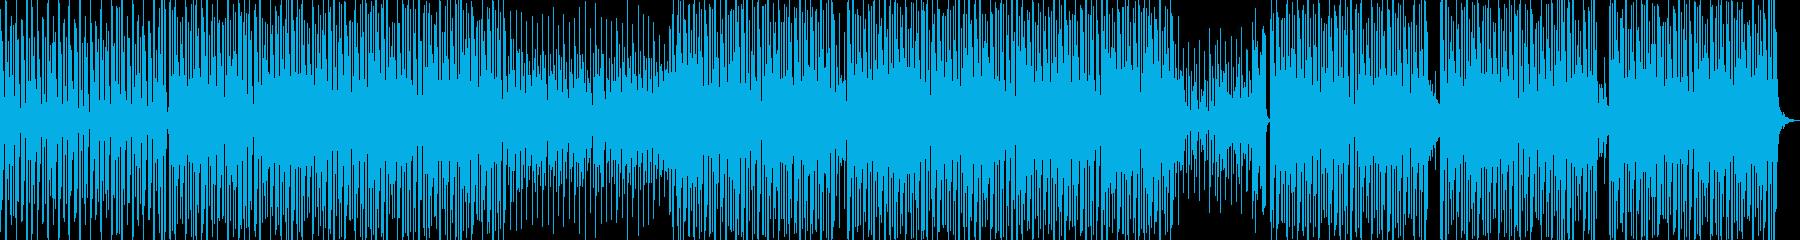 ディスコ風ファンキーなダンスナンバーの再生済みの波形